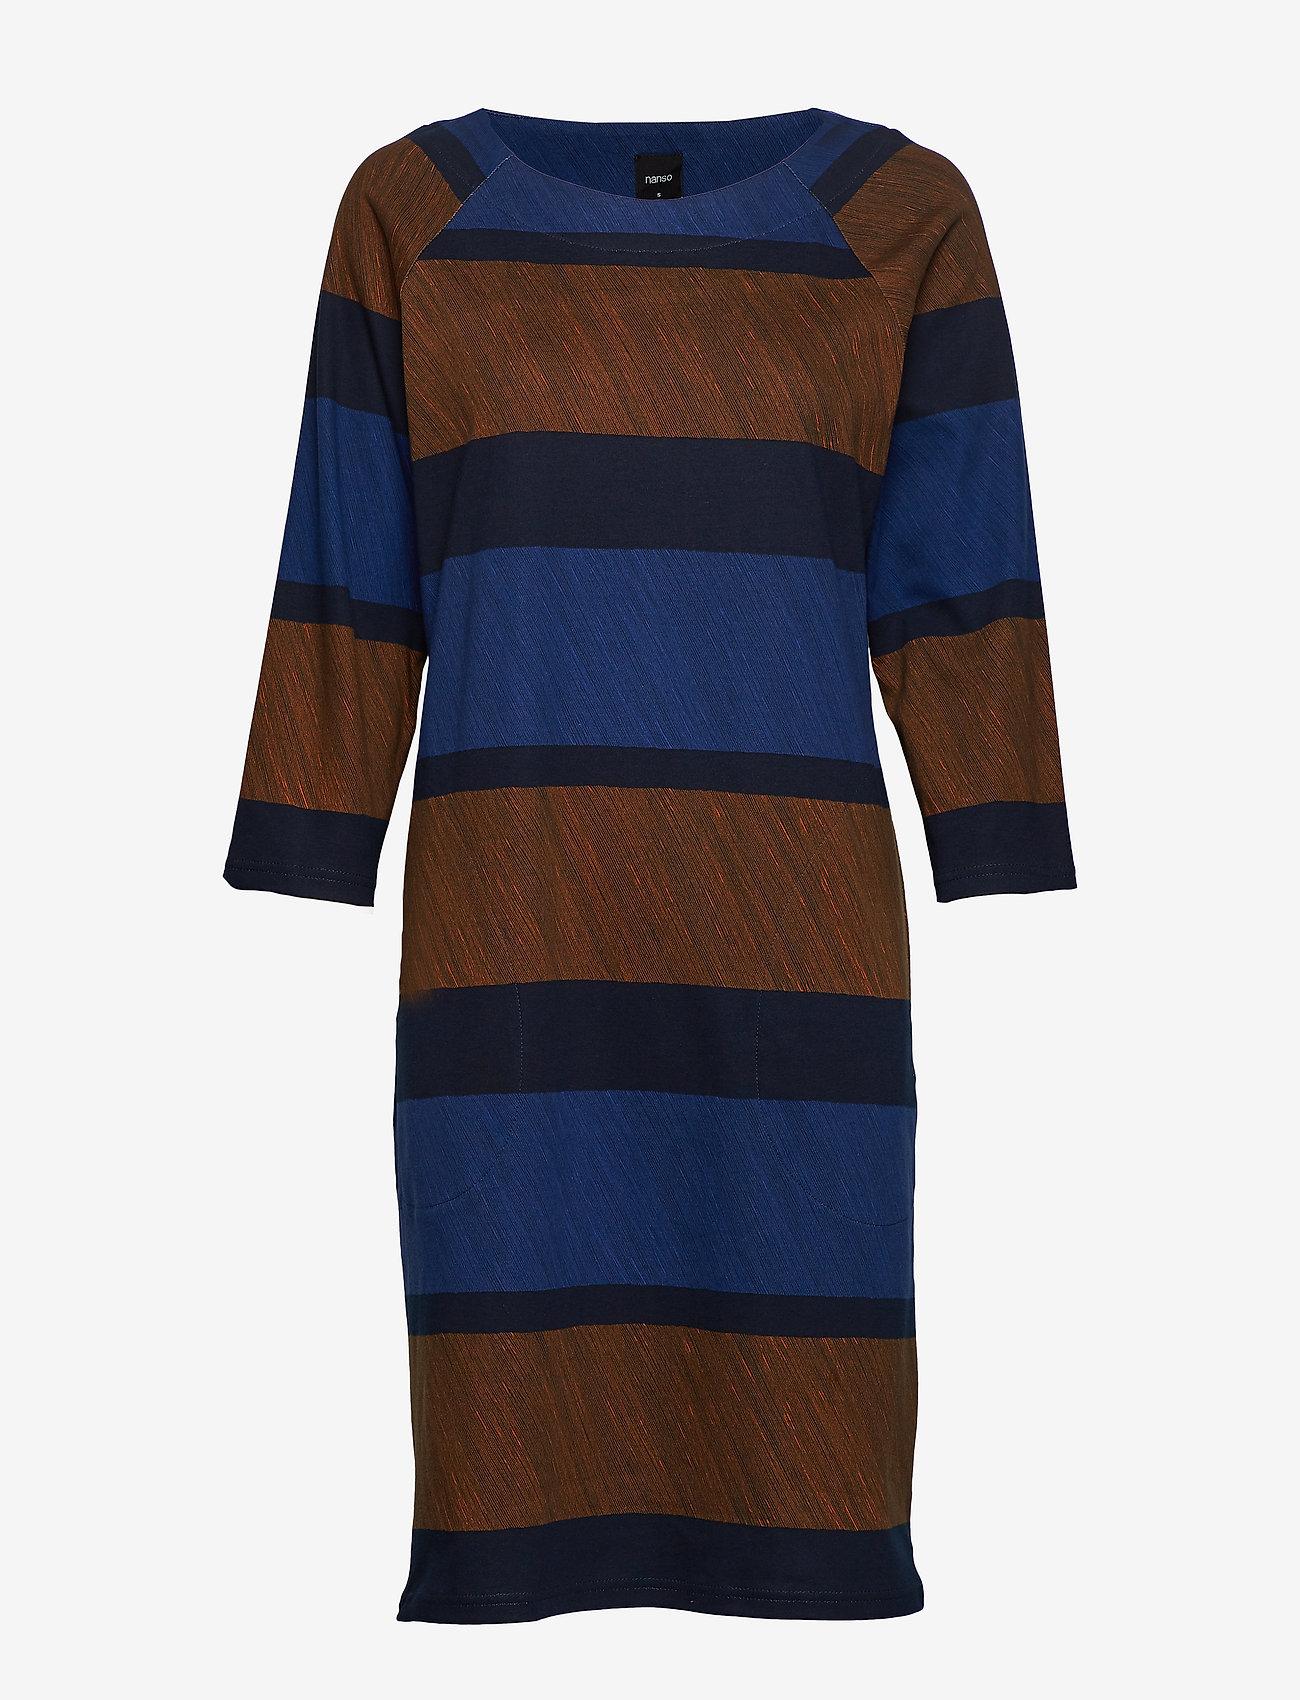 Nanso - Ladies dress, Puomi - midimekot - blue - 0